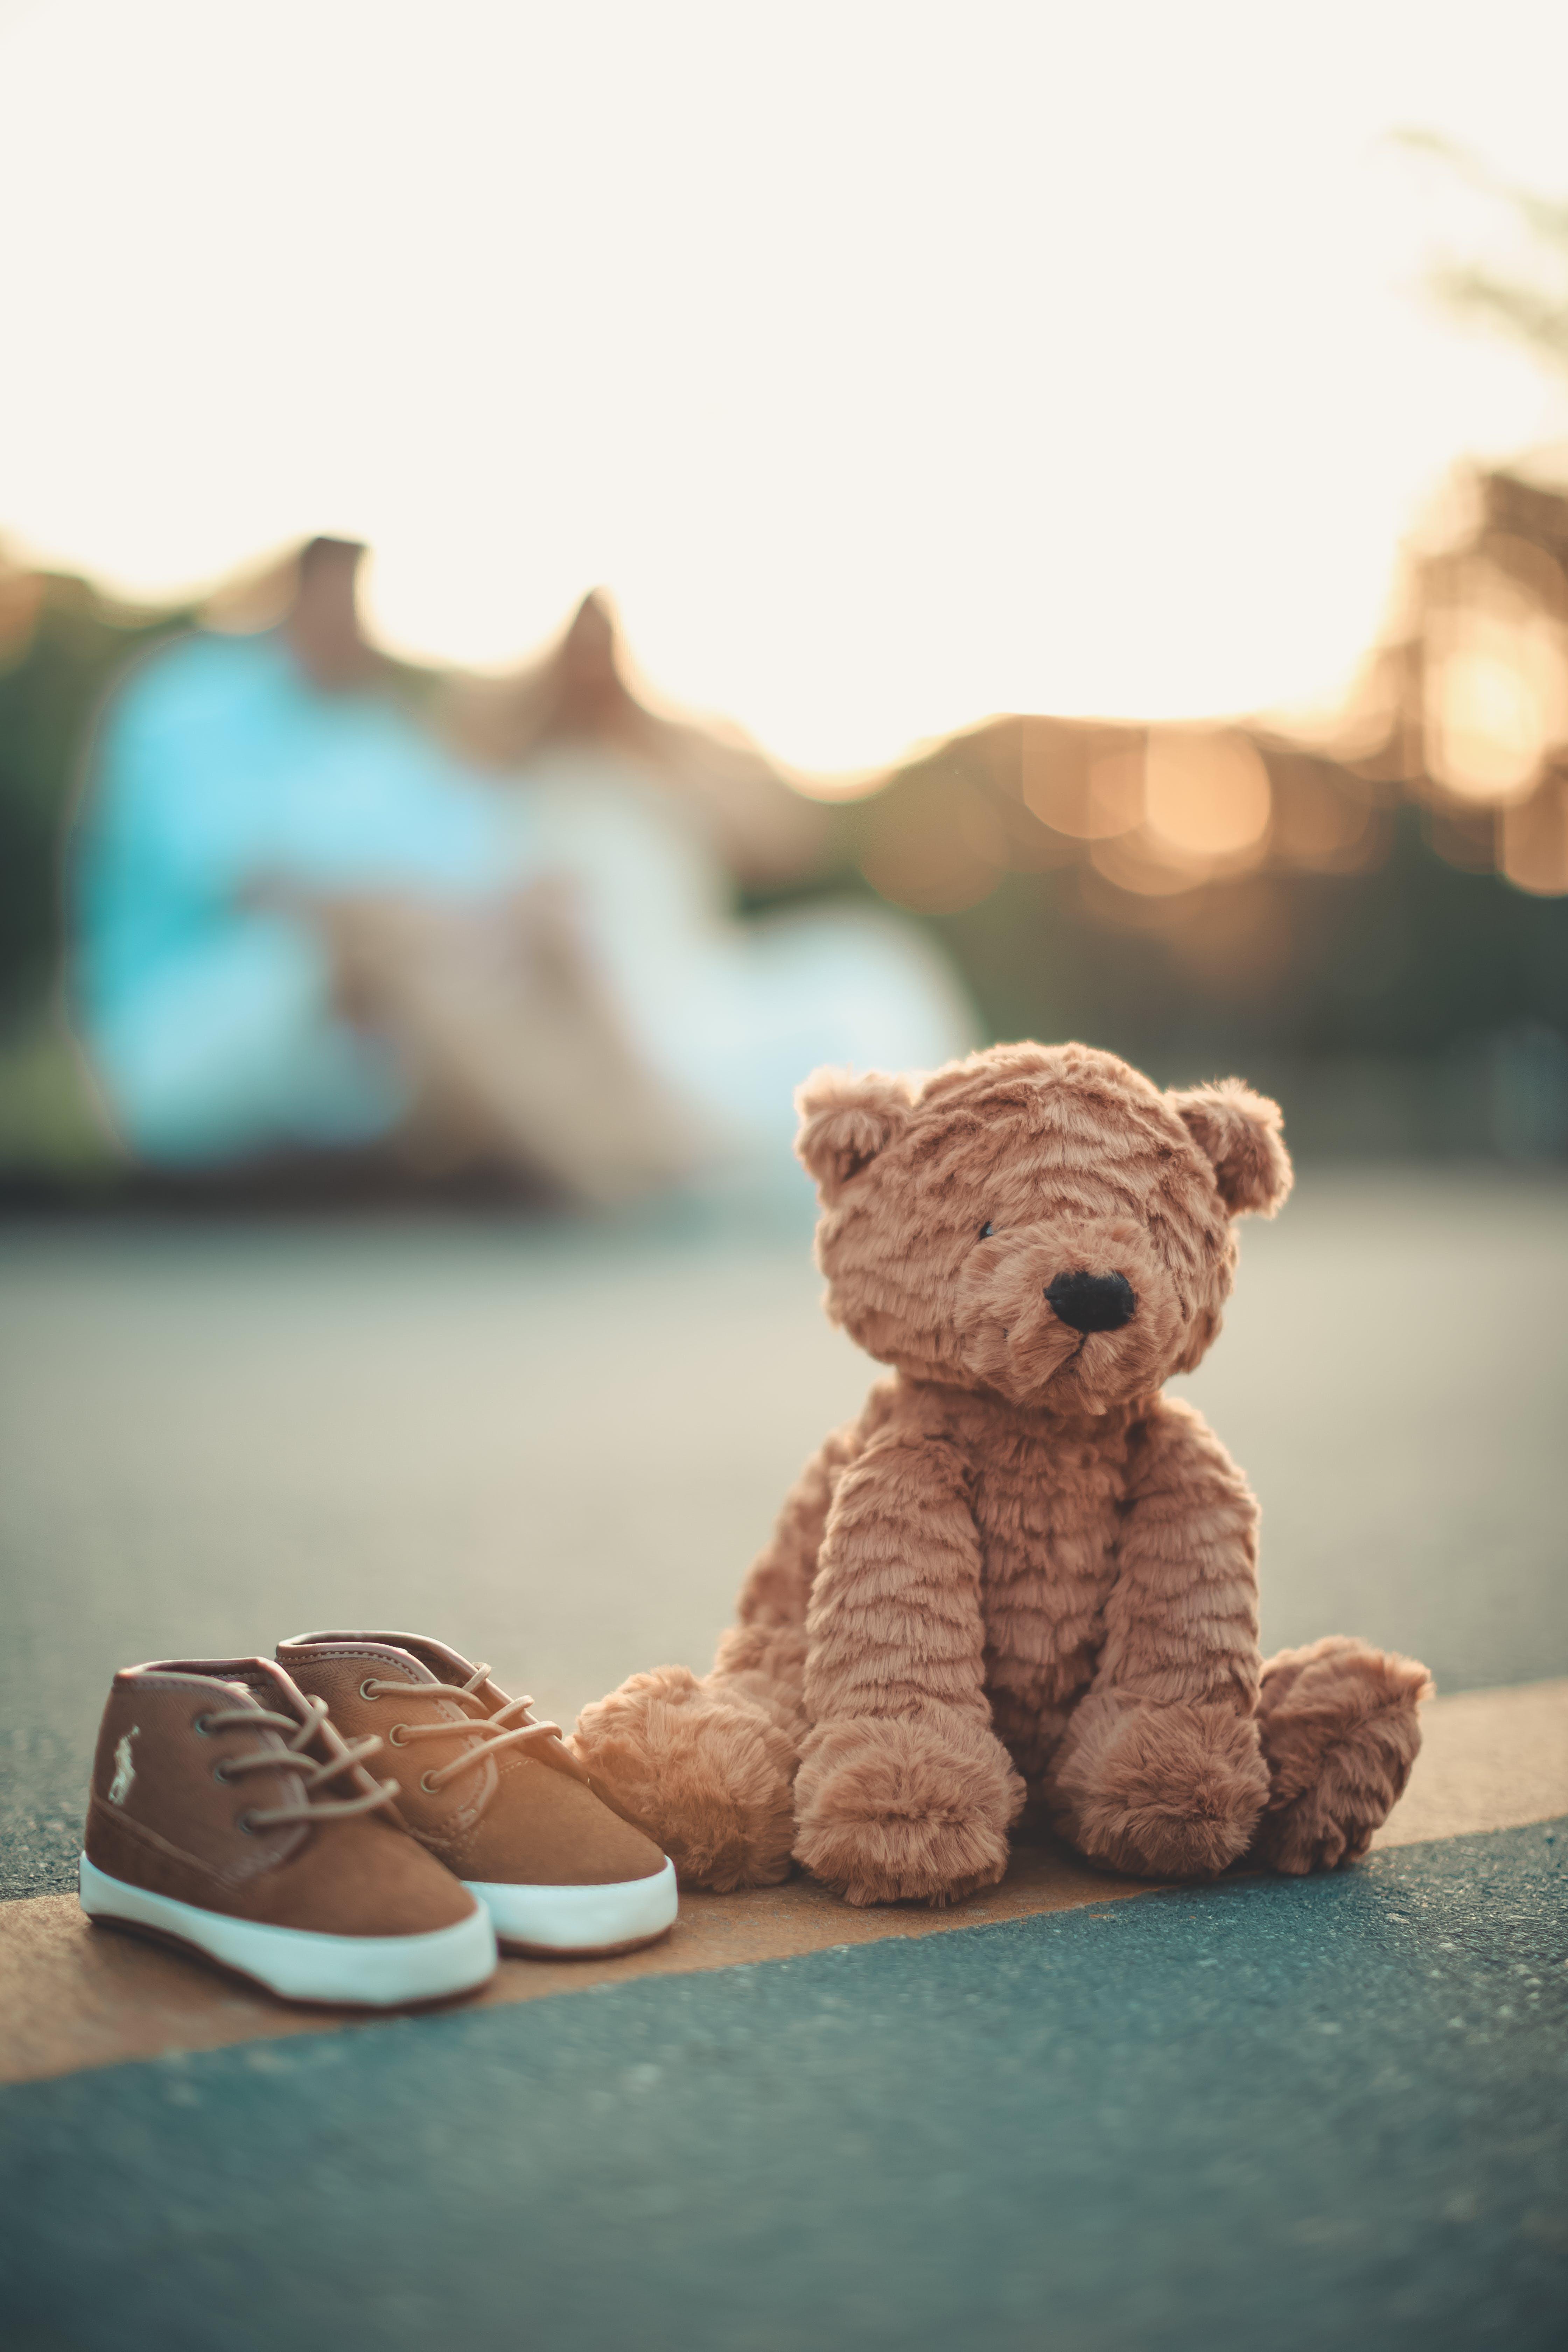 คลังภาพถ่ายฟรี ของ ขน, ของเล่น, ของเล่นตุ๊กตา, ของเล่นเด็ก